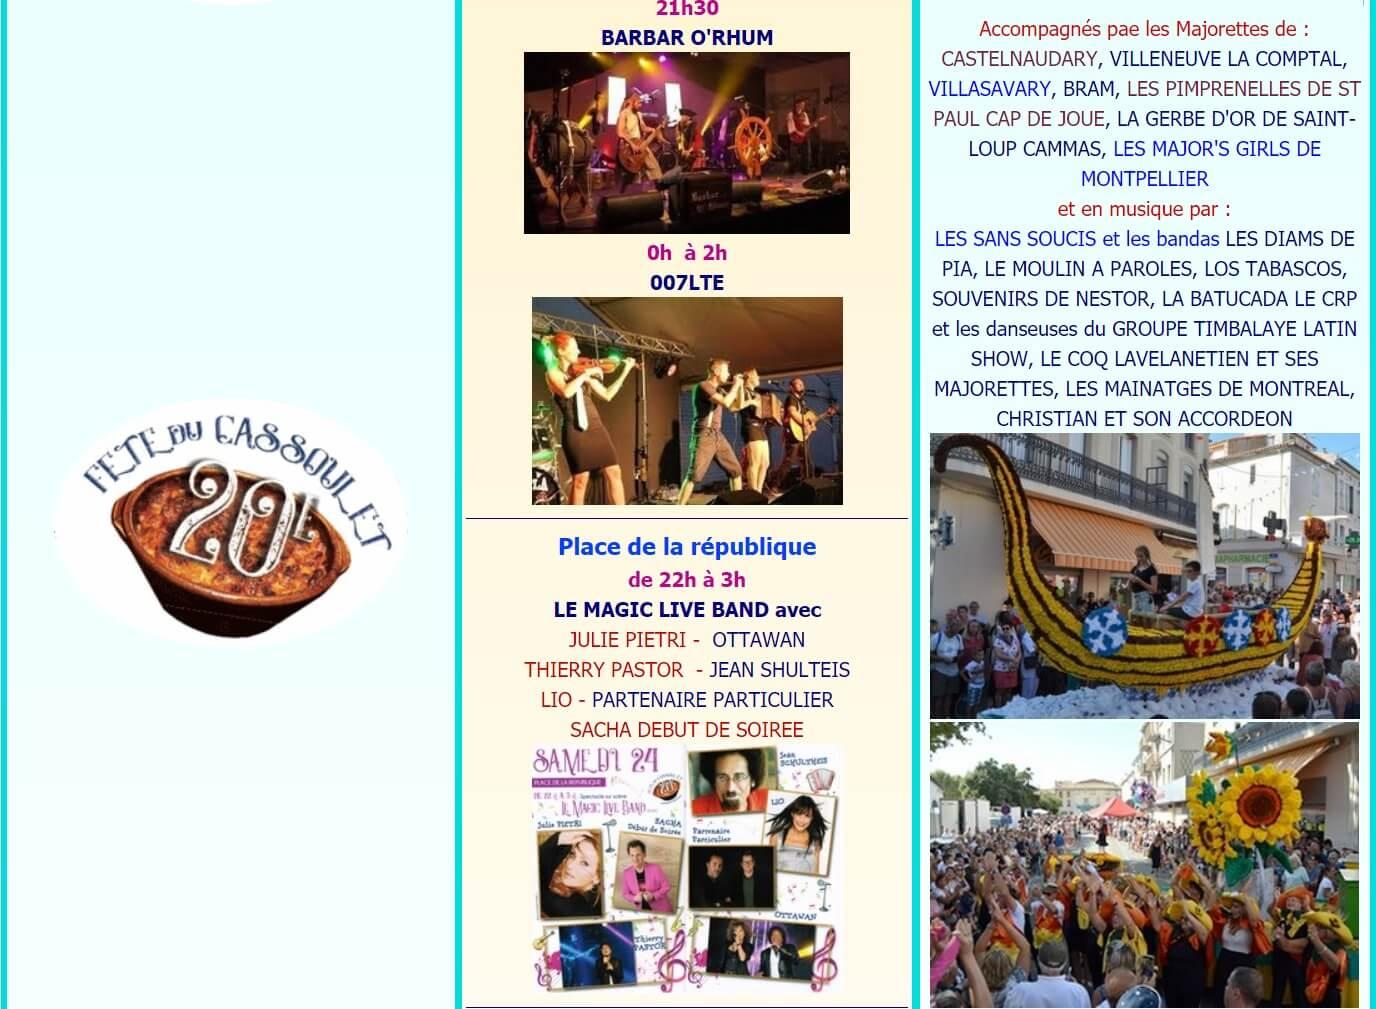 Fête du cassoulet de Castelnaudary ; 4 jours de folie du 22 au 25 Août 2019 35